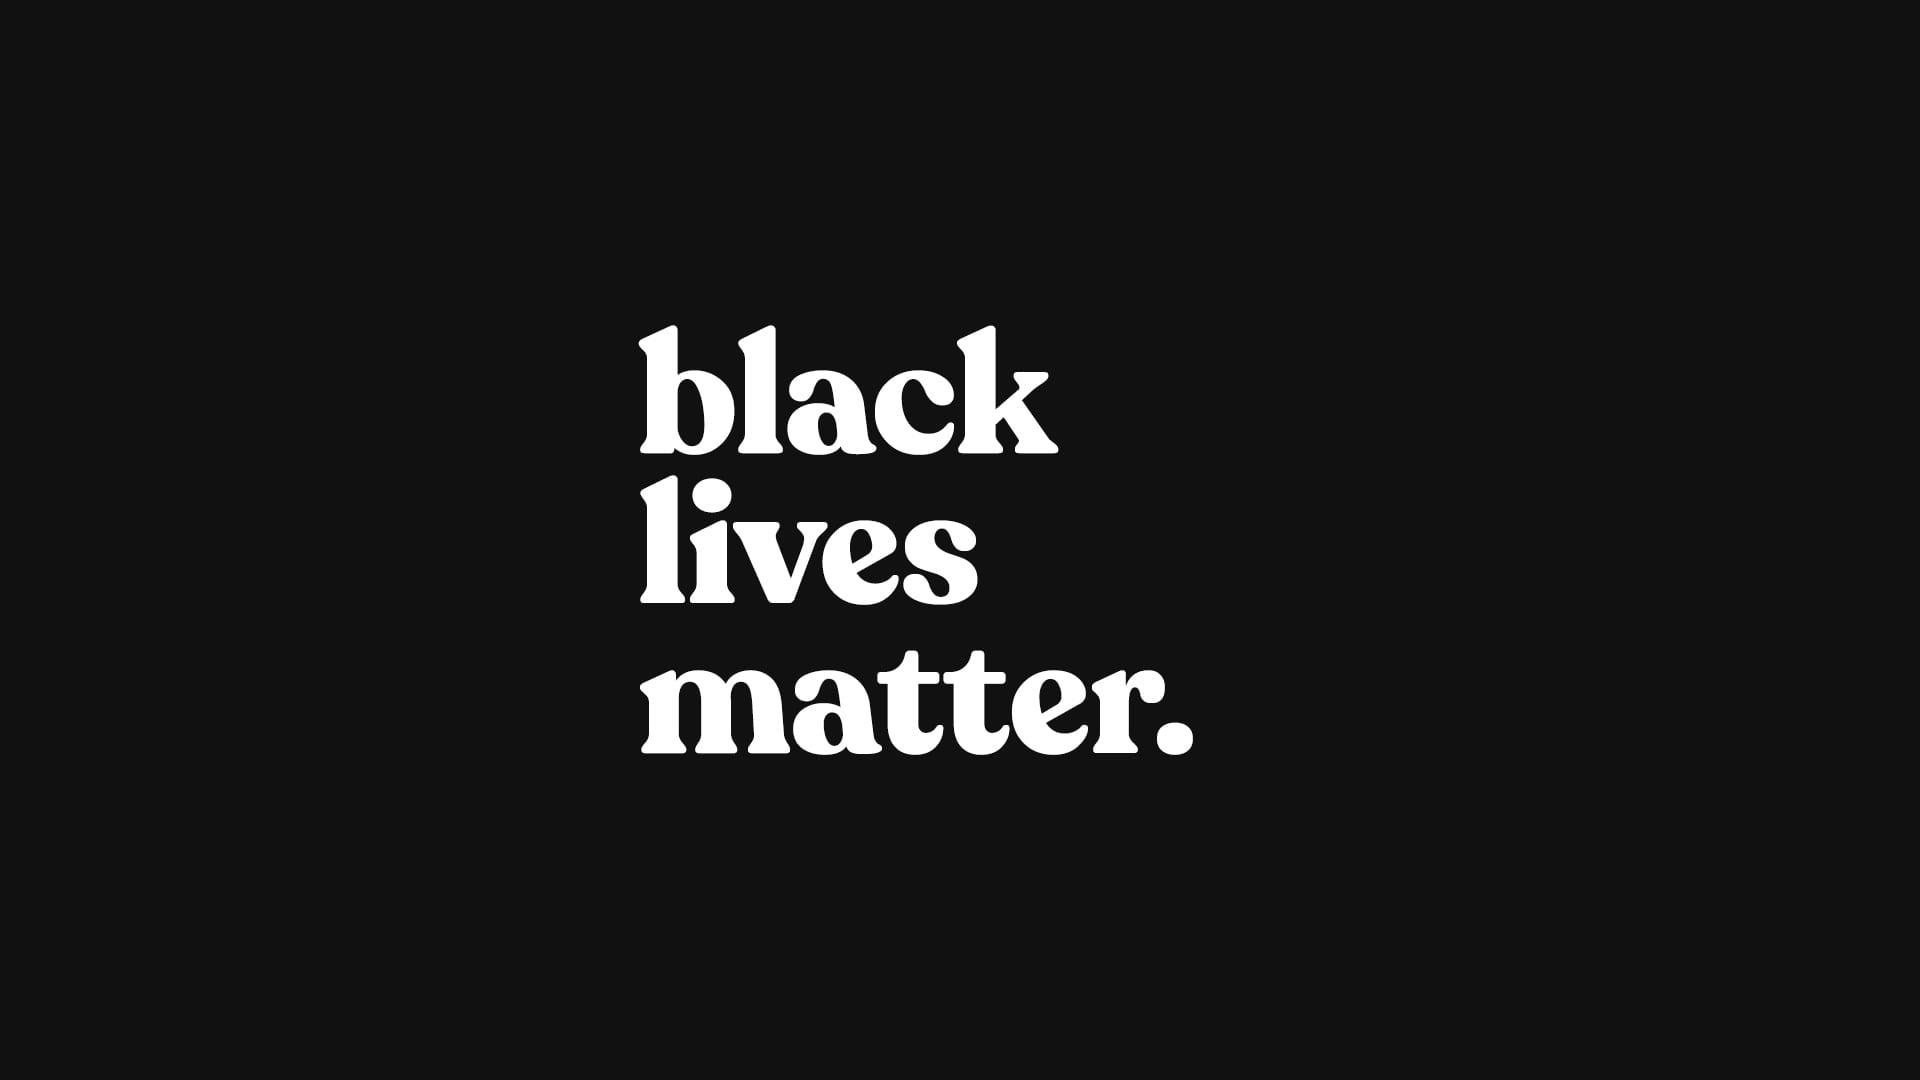 Studio Potts supports #BlackLivesMatter